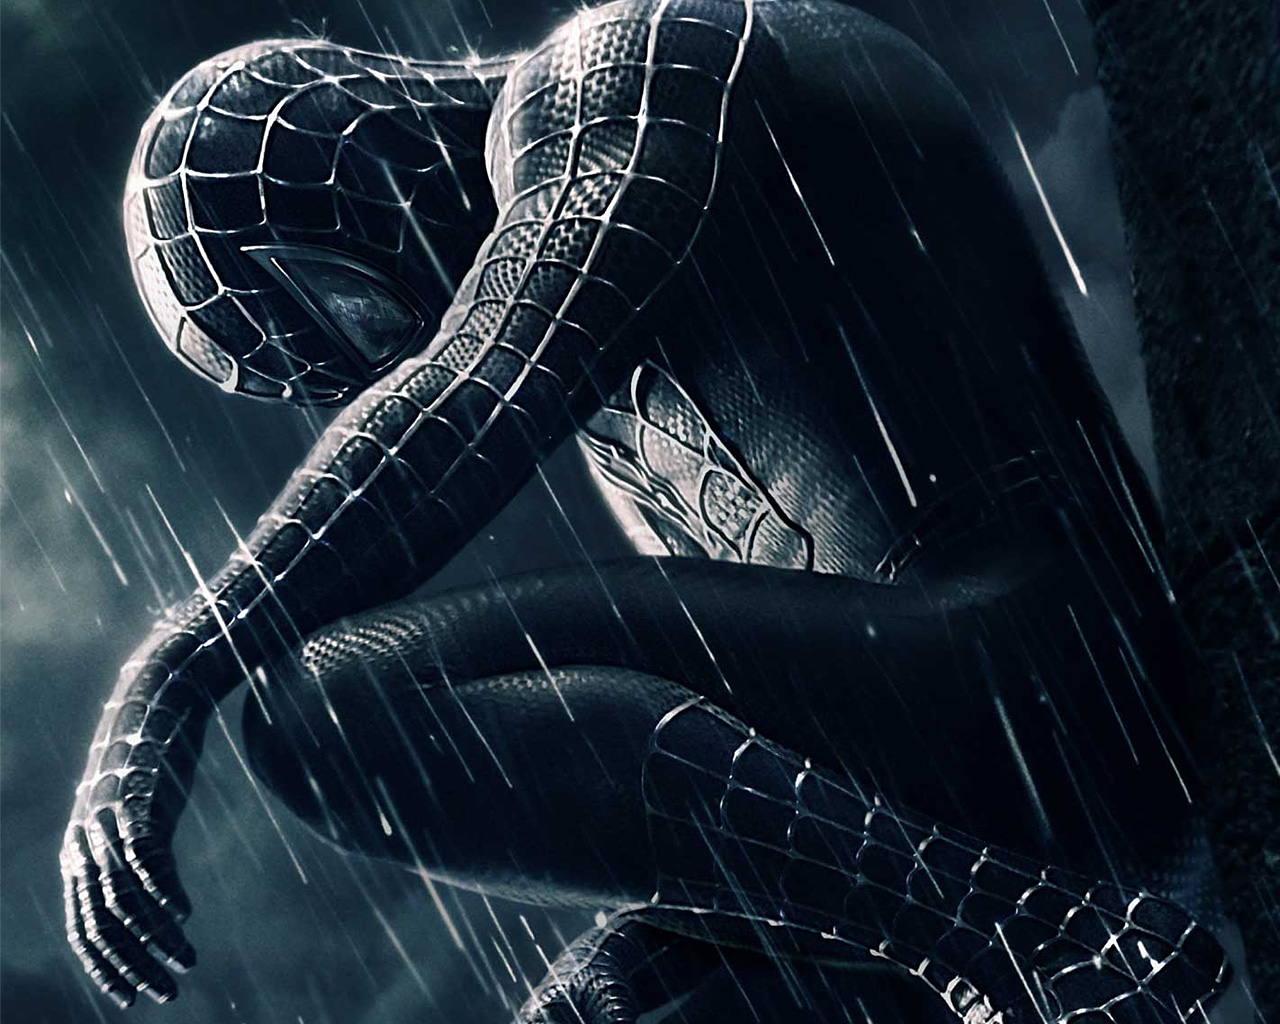 Papel De Parede Preto Alta Resolução Baixar: Papeis De Parede Homem-Aranha Homem-Aranha 3 Spiderman